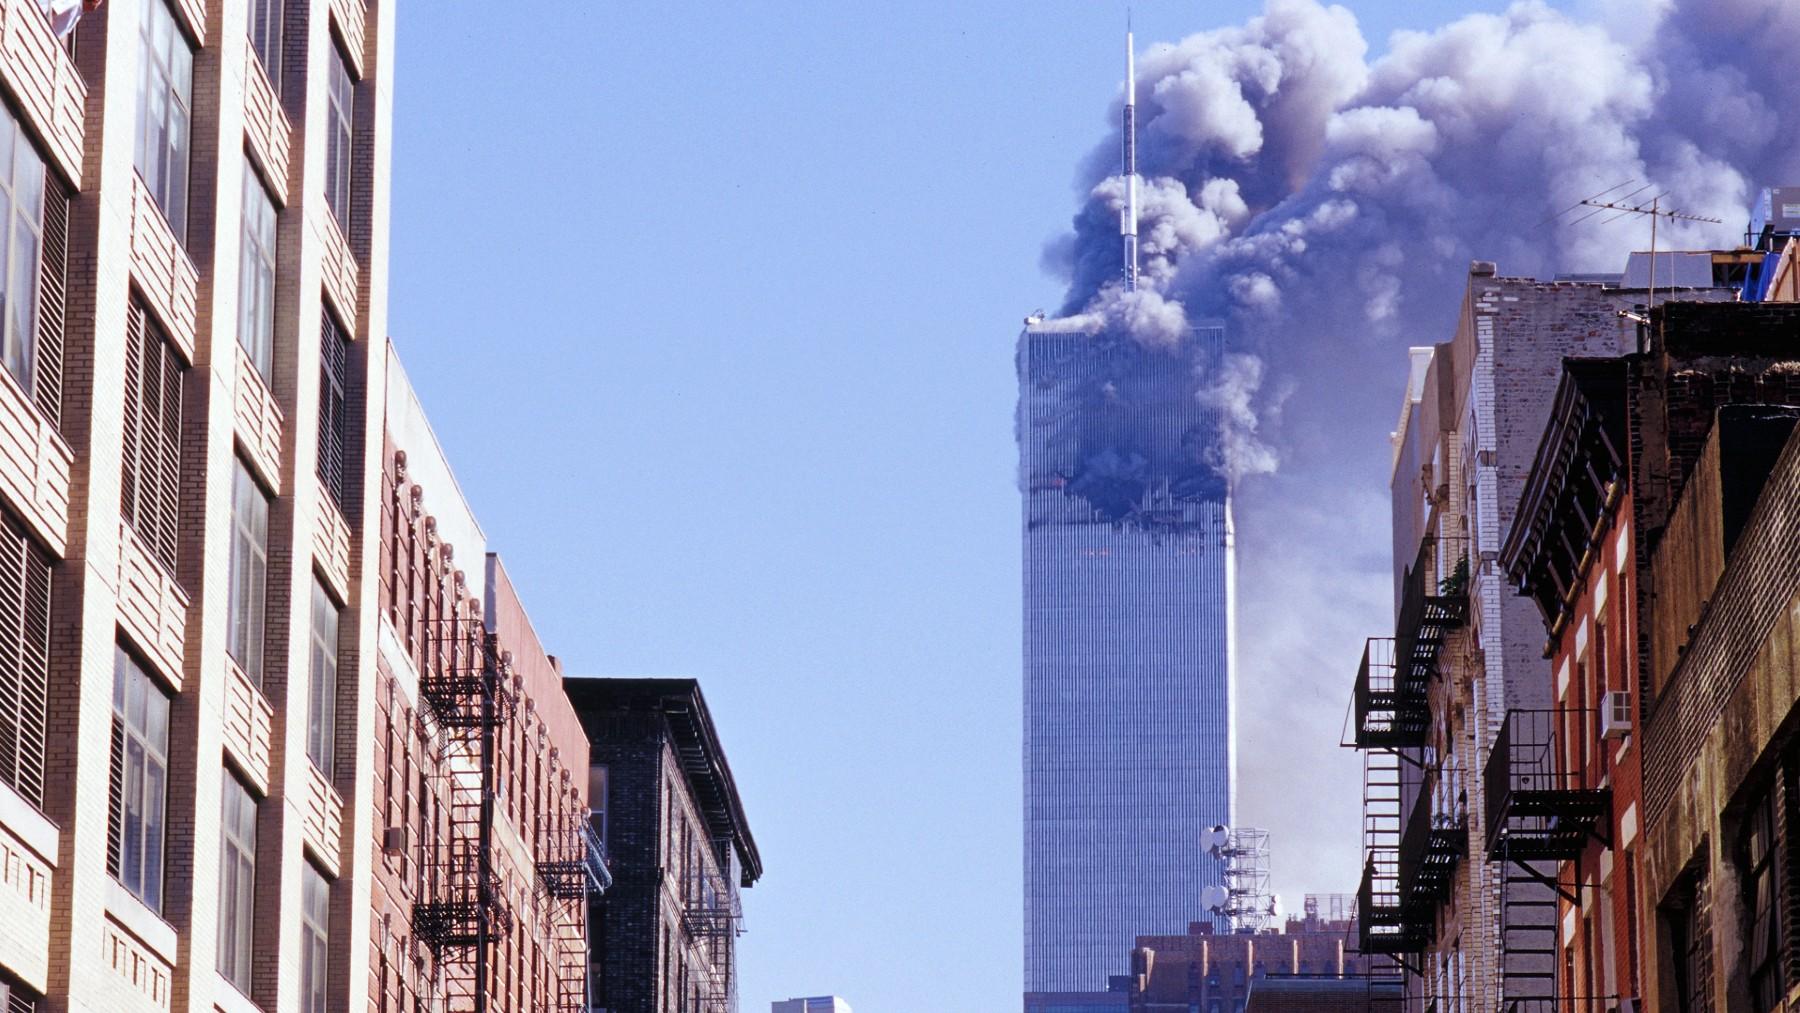 Una de las dos Torres Gemelas tras los atentados del 11-S. (Foto: Europa Press)